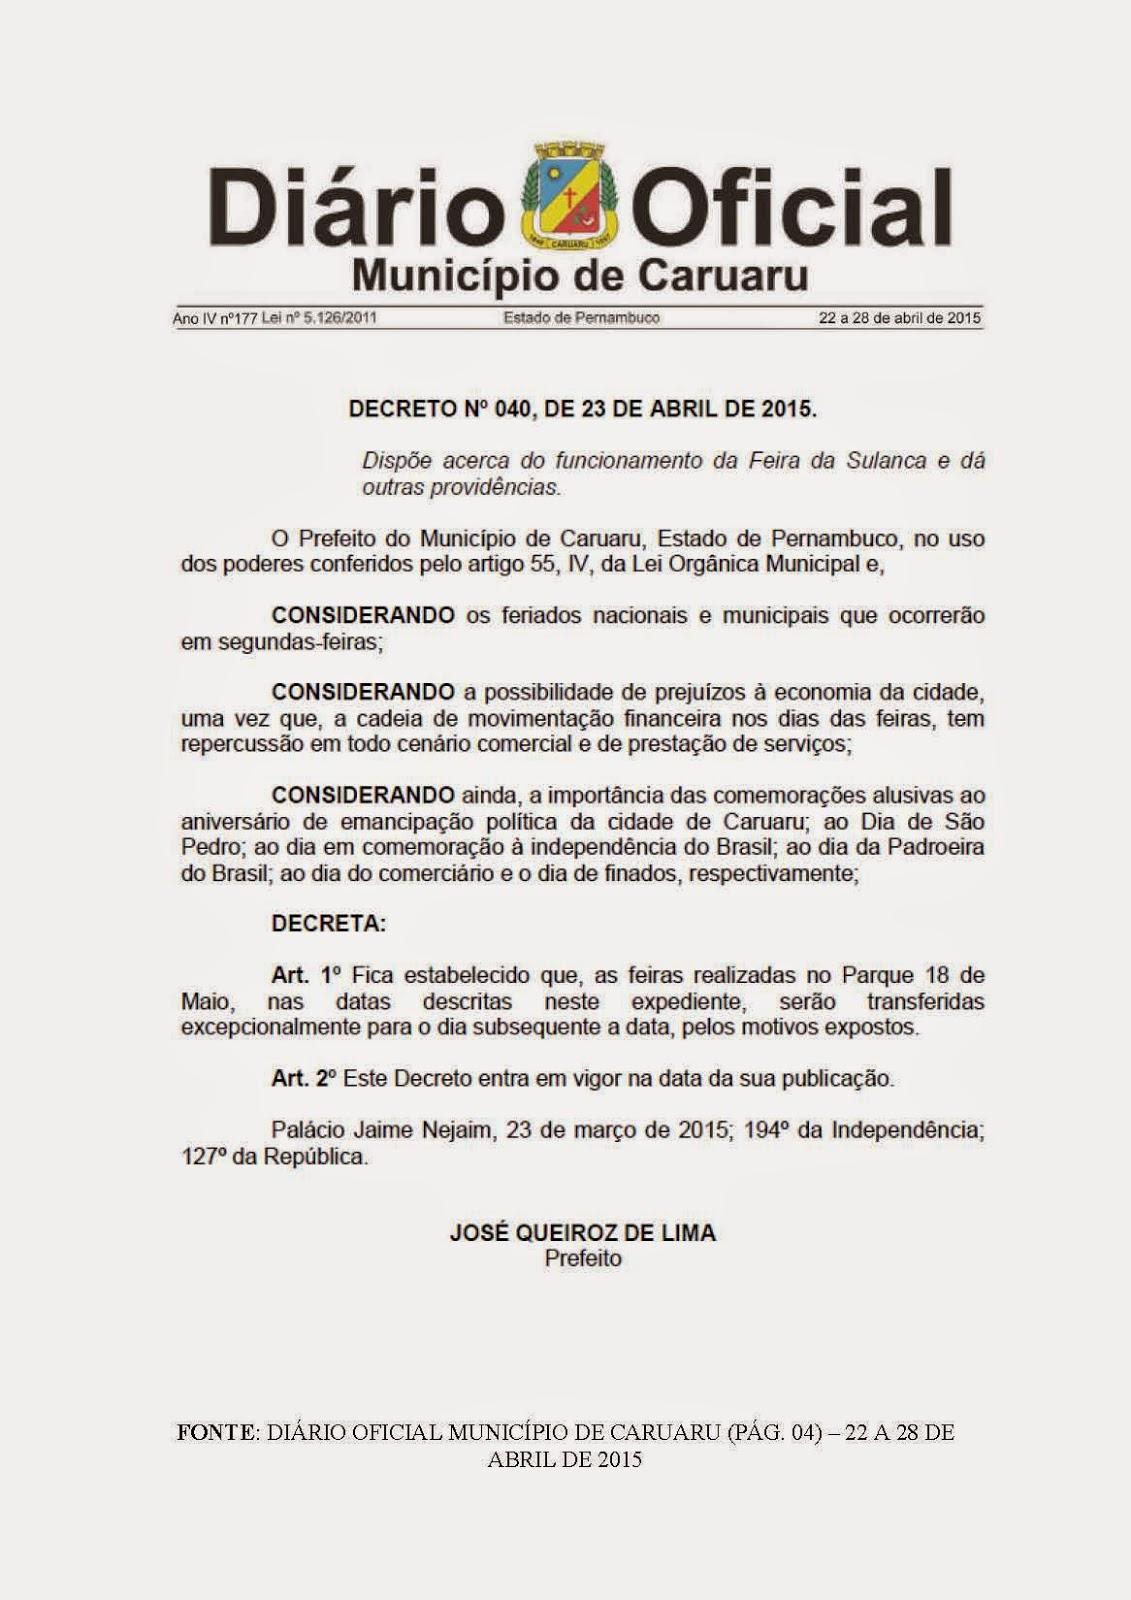 JORNADA DE TRABALHO NO FERIADO 18 DE MAIO